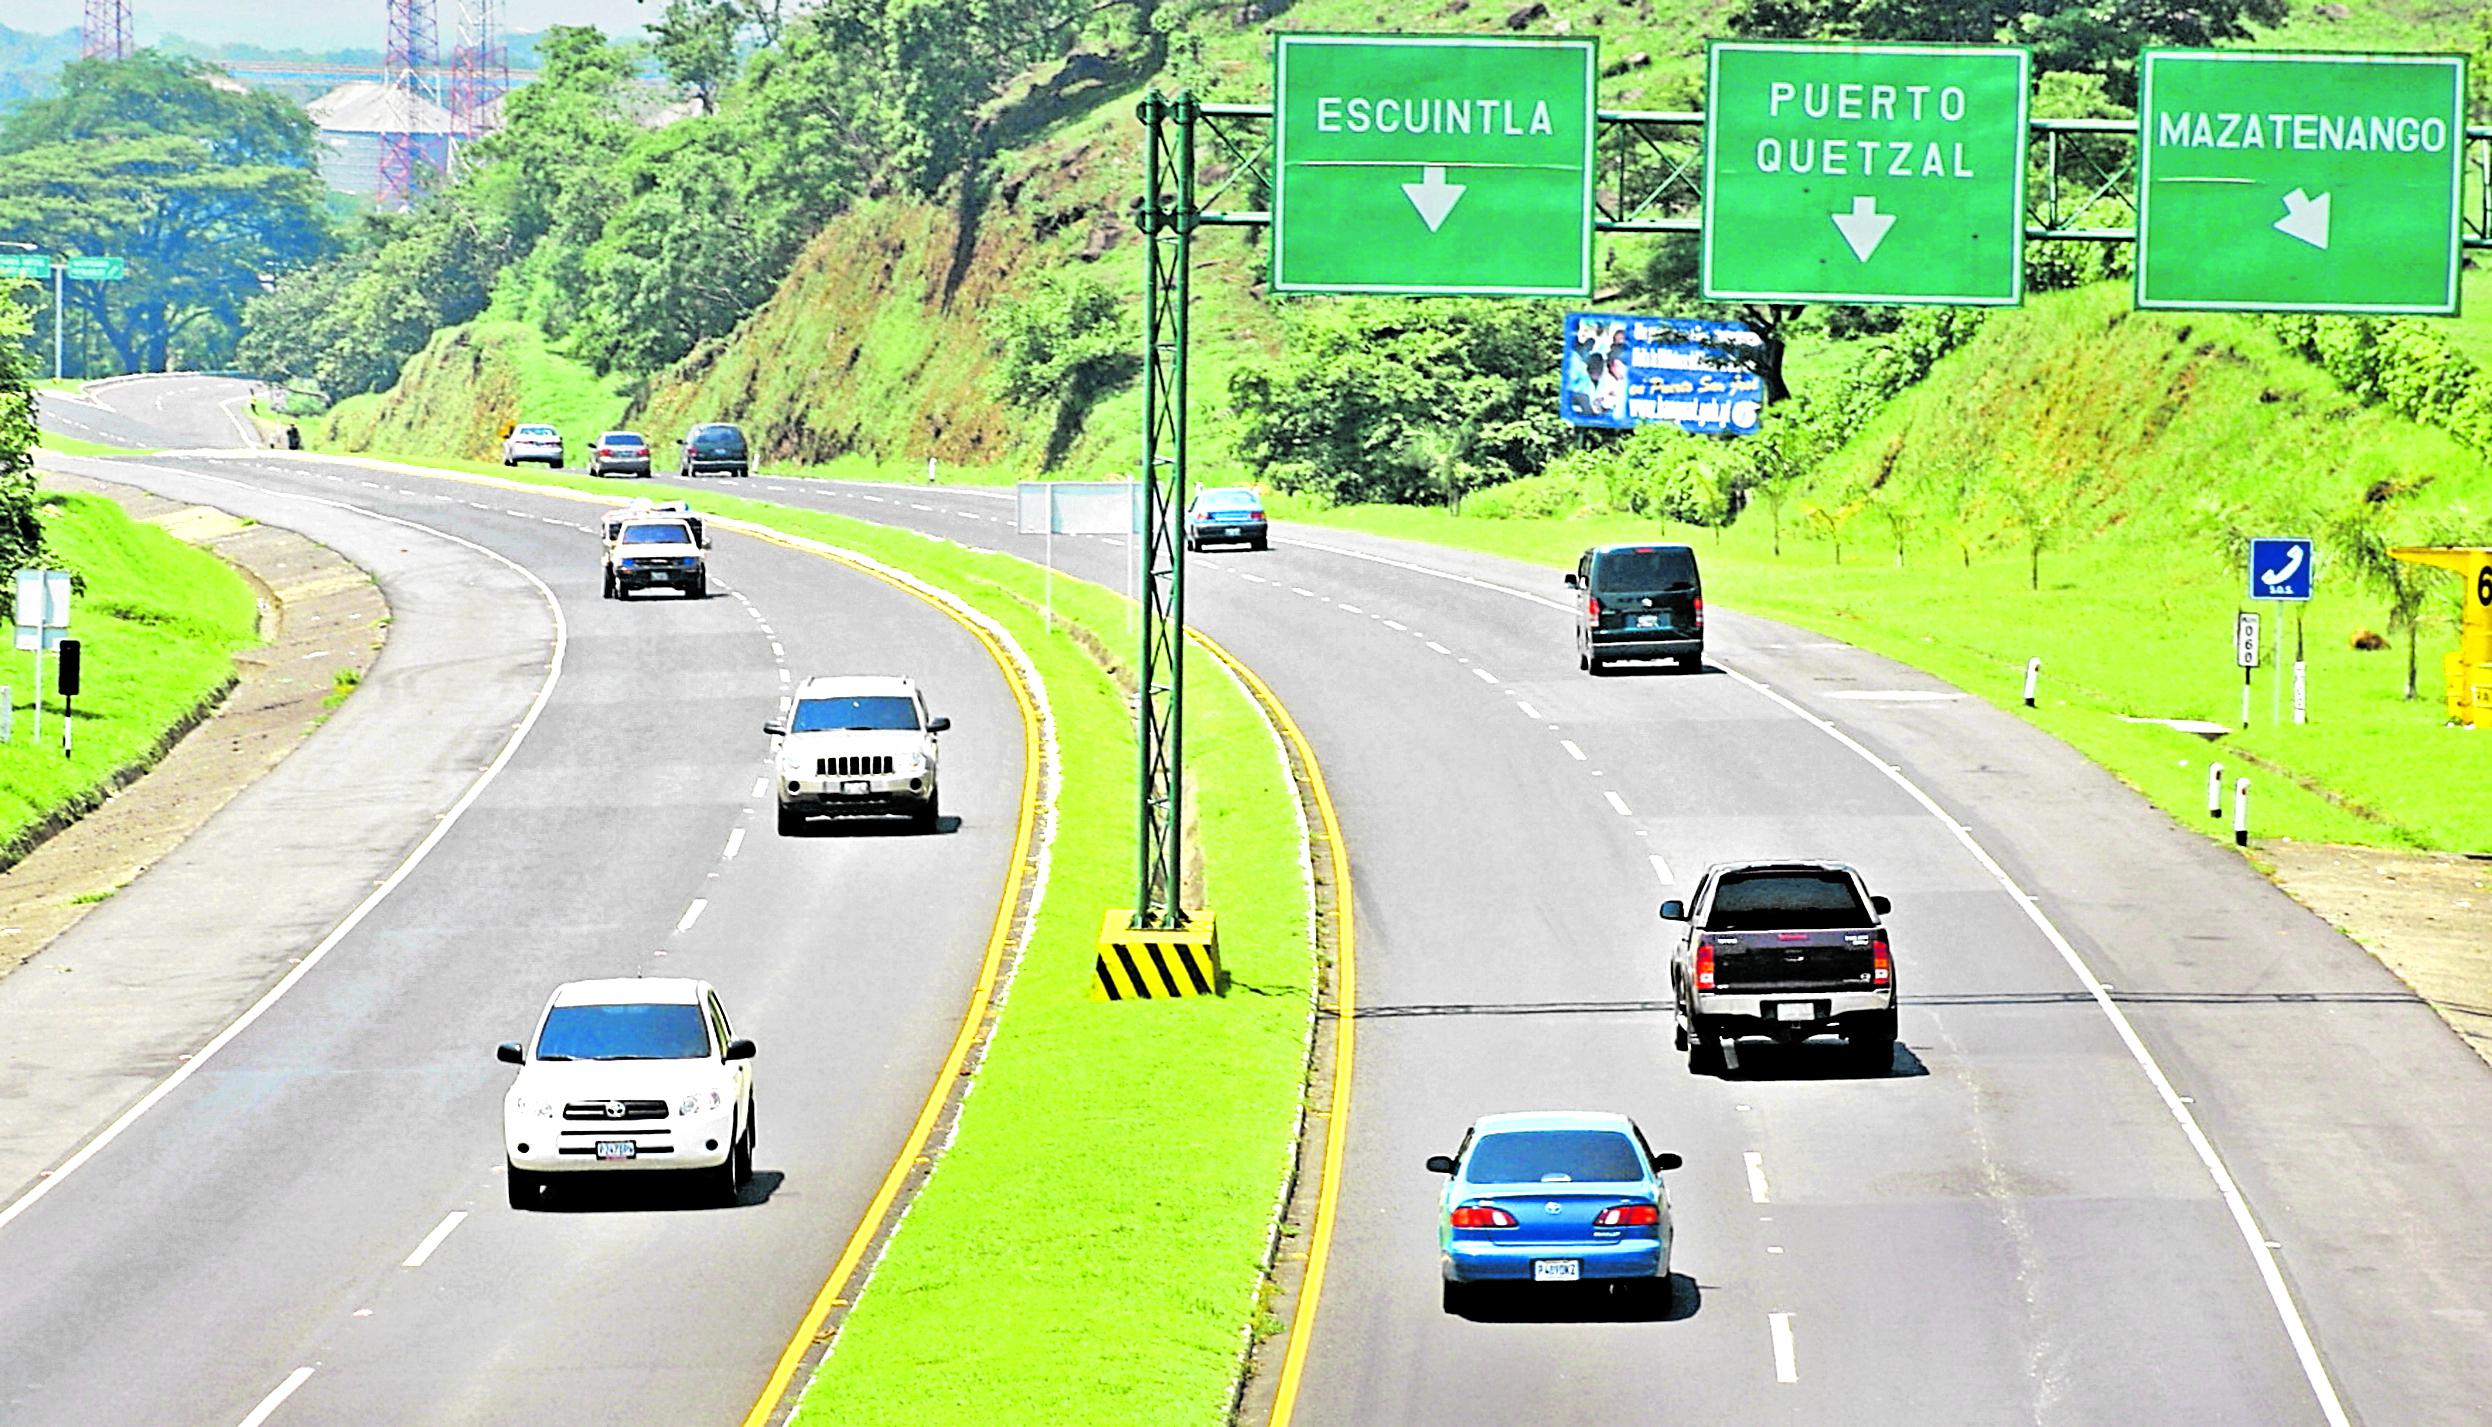 Encargados de administrar la autopista Palín-Escuintla estipulan que unos 37 mil vehículos circularán a diario por esa carretera, durante la Semana Santa. (Foto Prensa Libre: Hemeroteca PL)